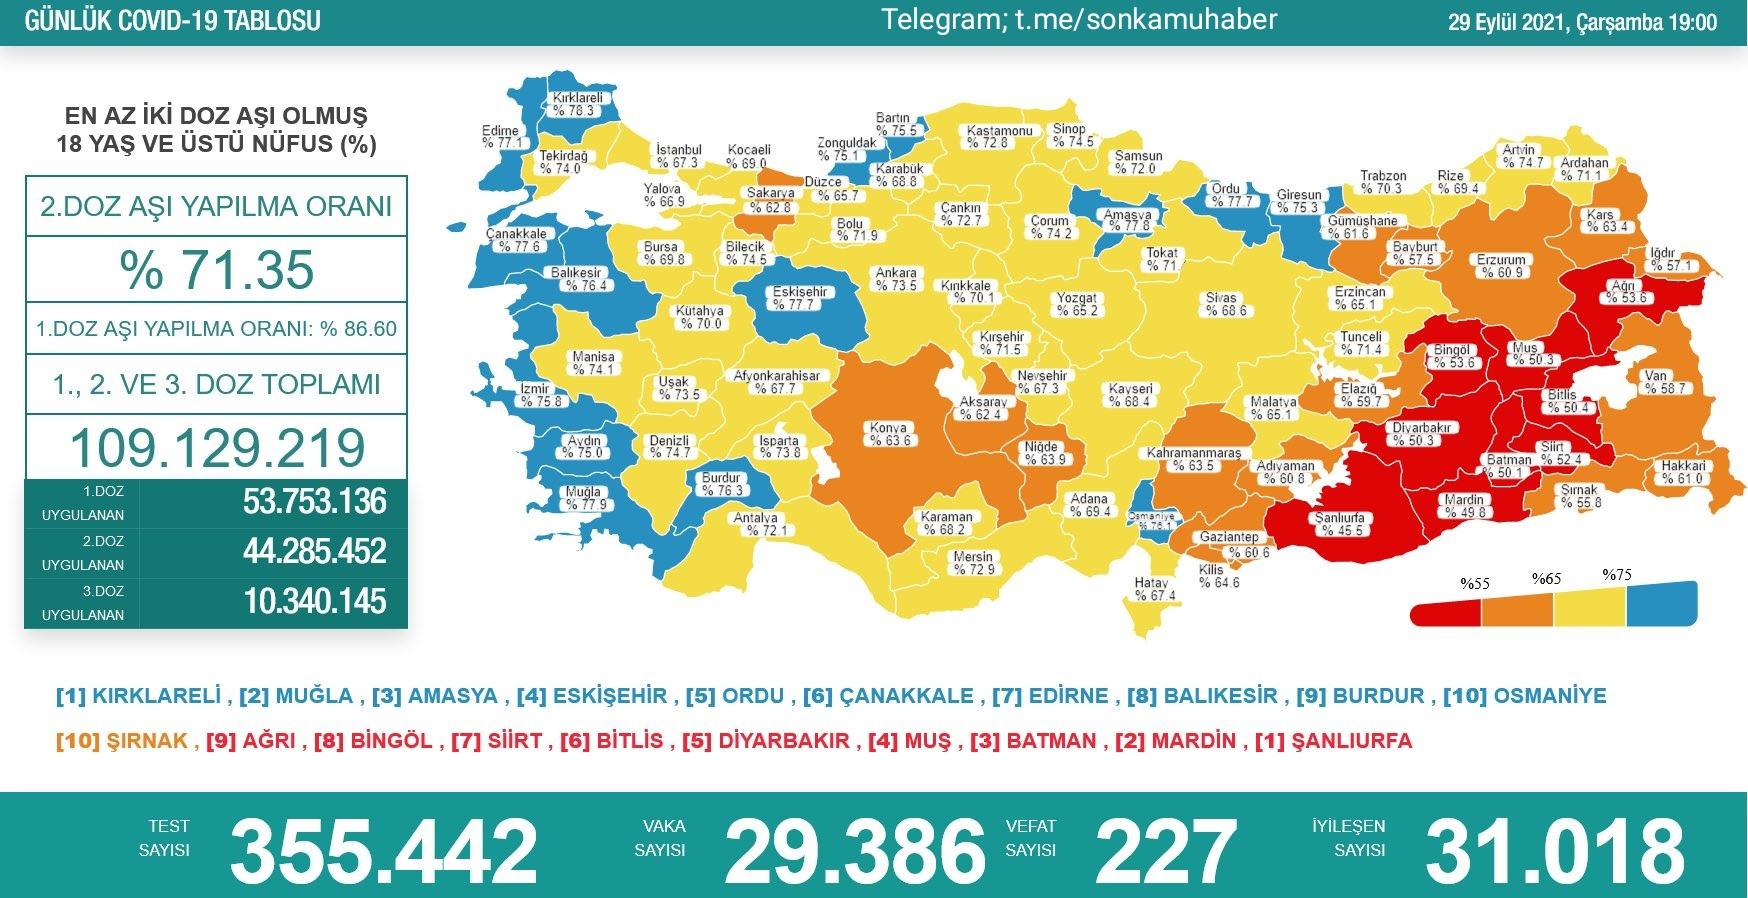 29 Eylül 2021 Türkiye Koronavirüs Tablosu Açıkladı